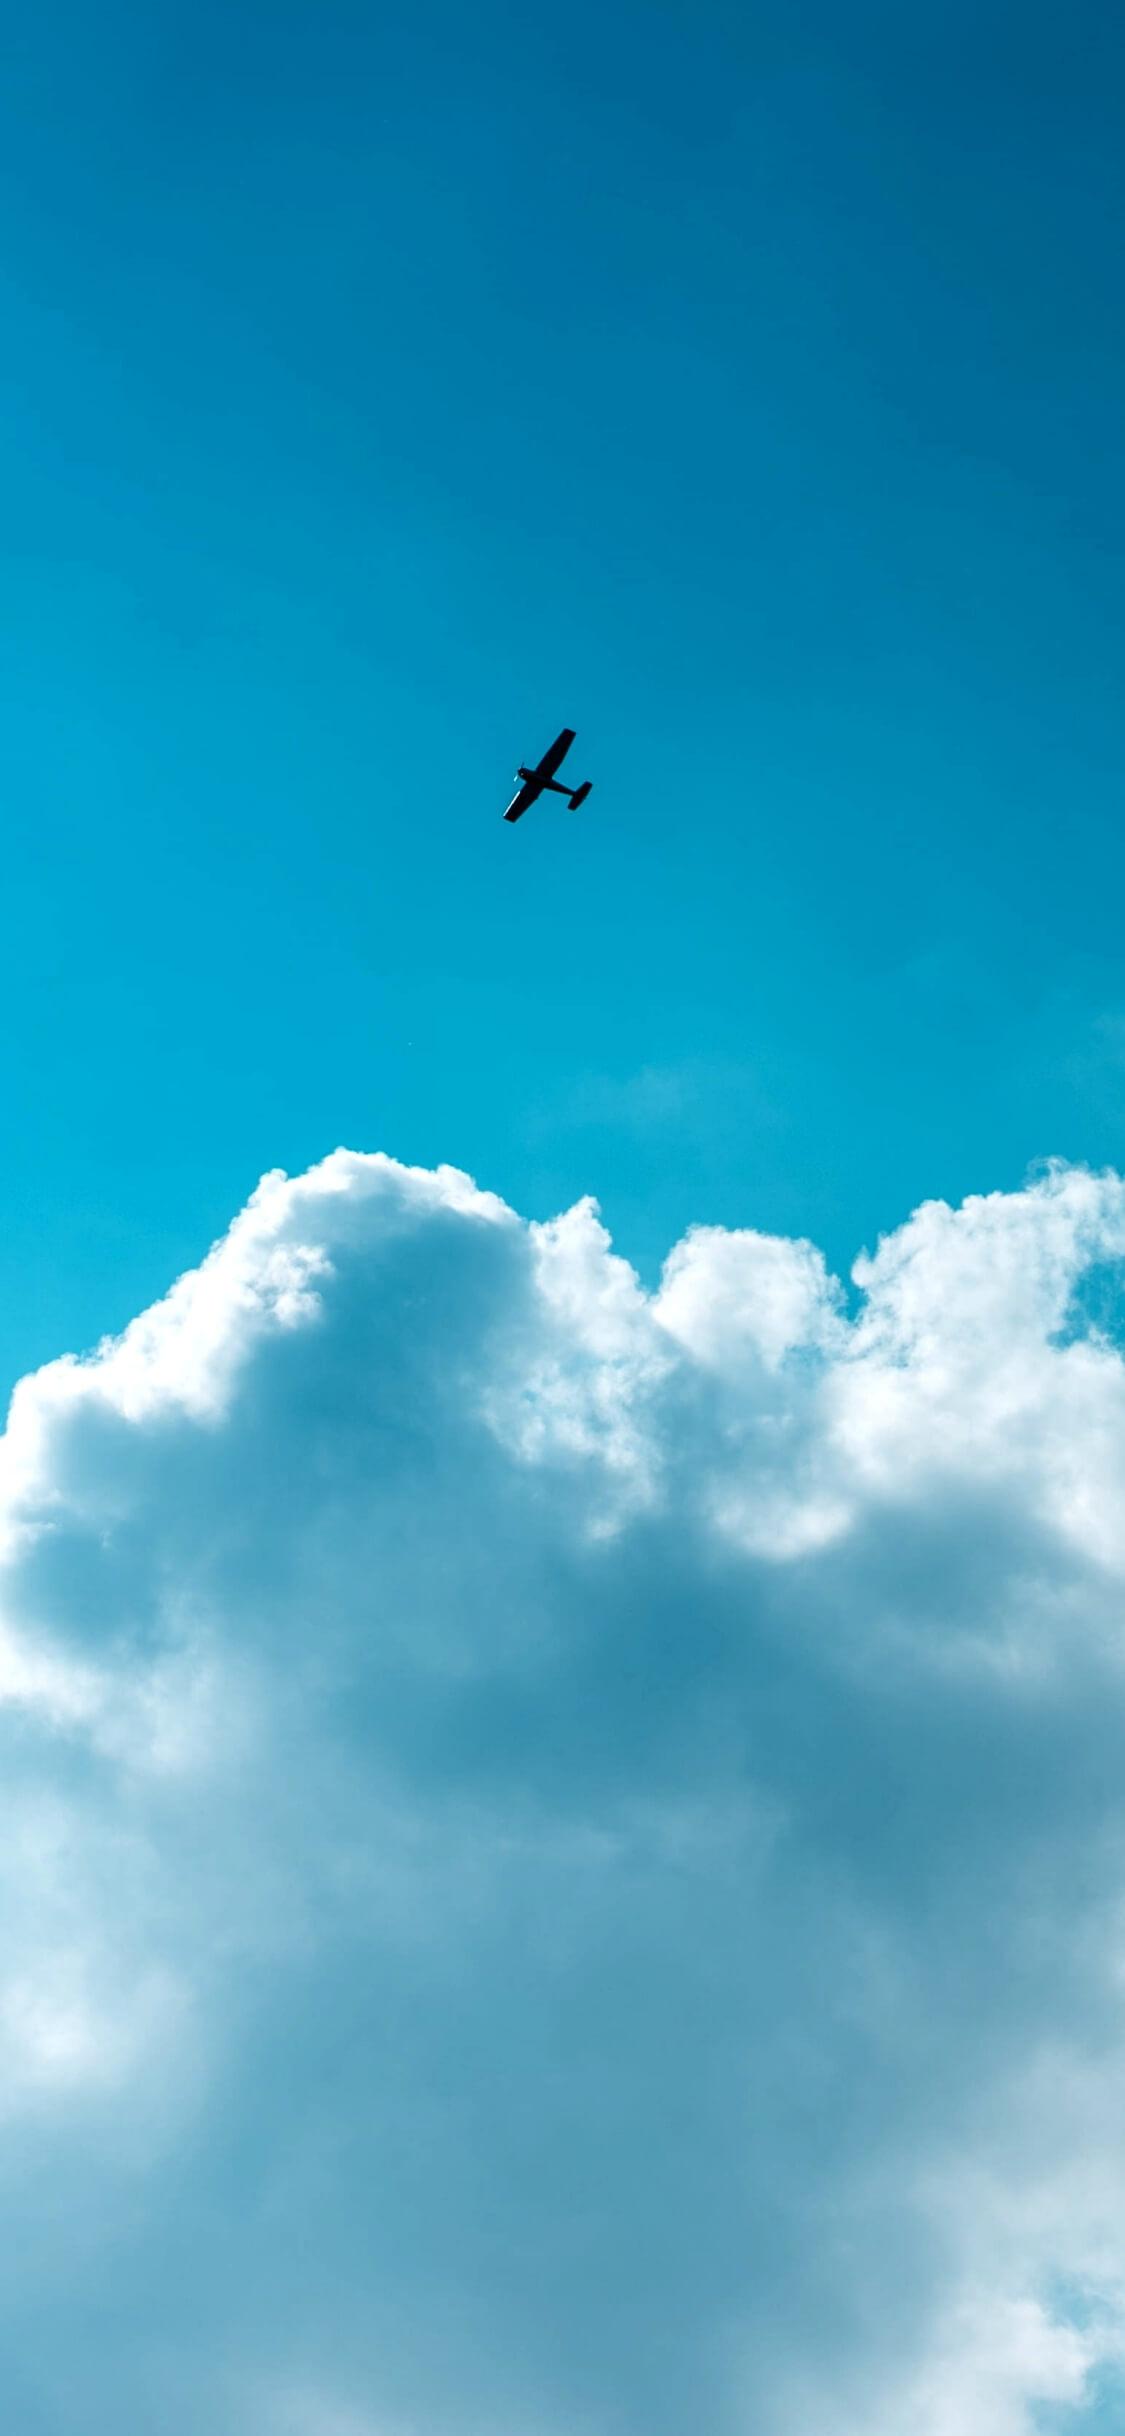 空を飛ぶ飛行機1